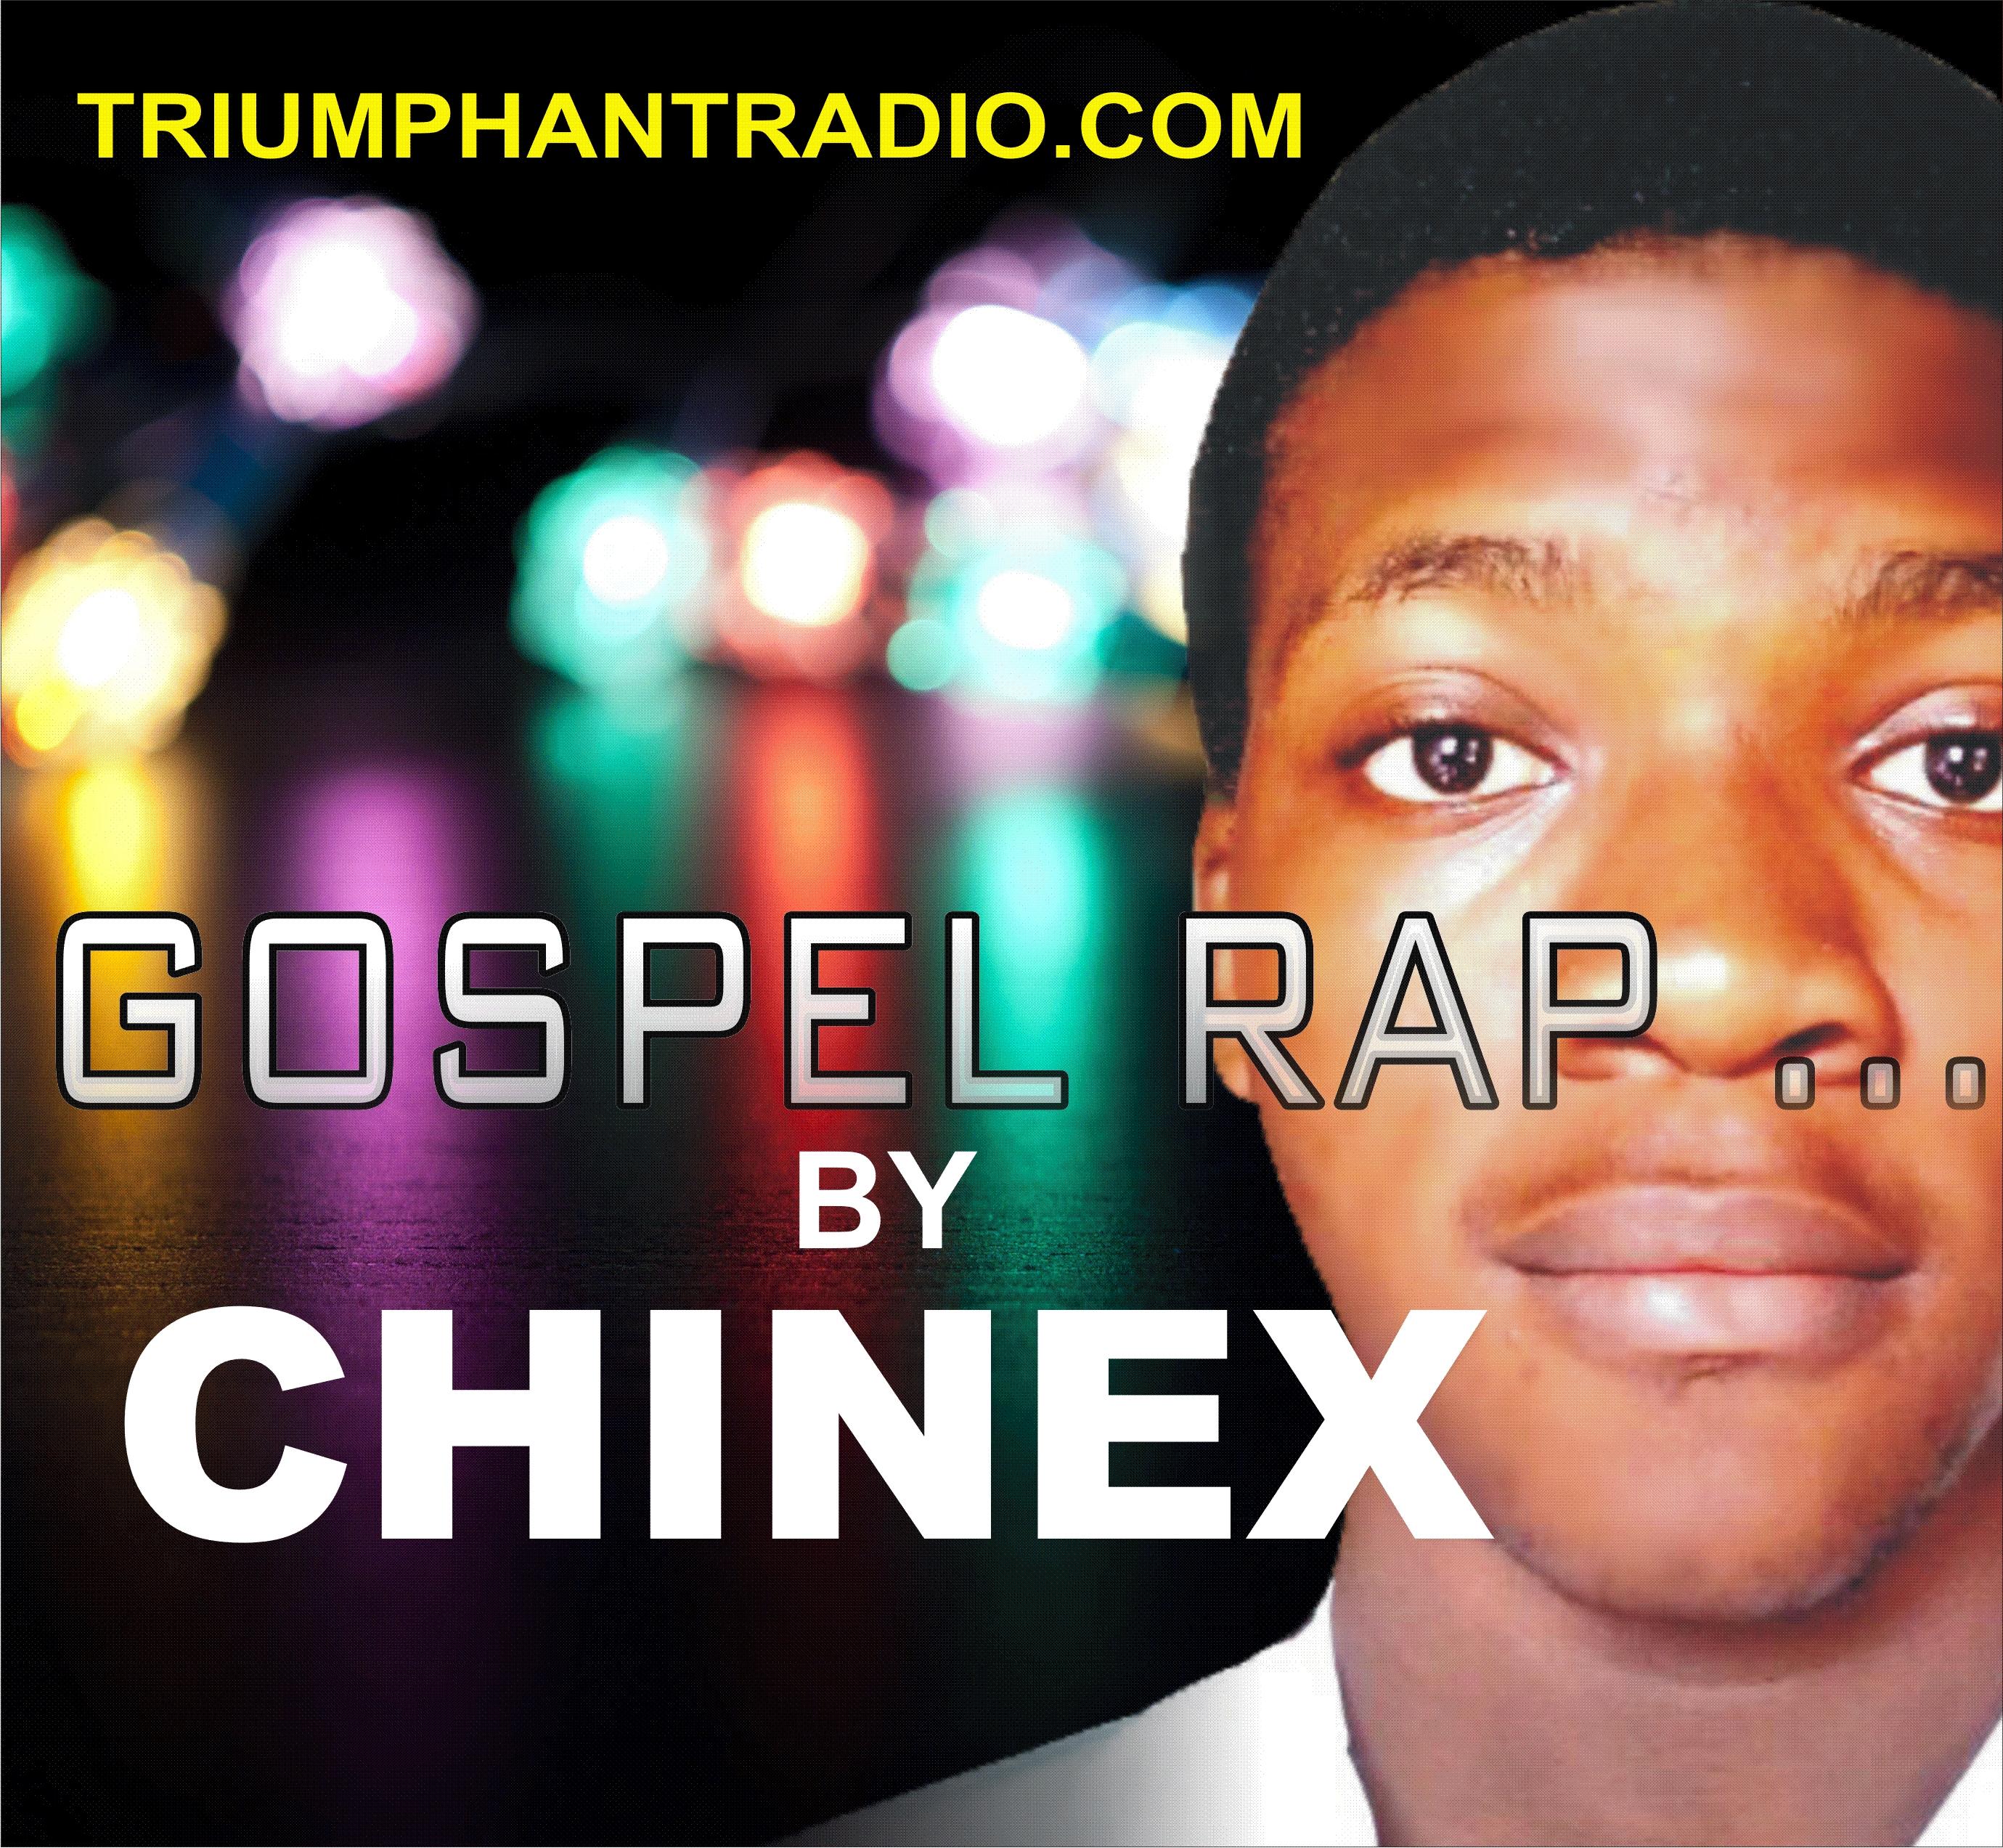 CHINEX